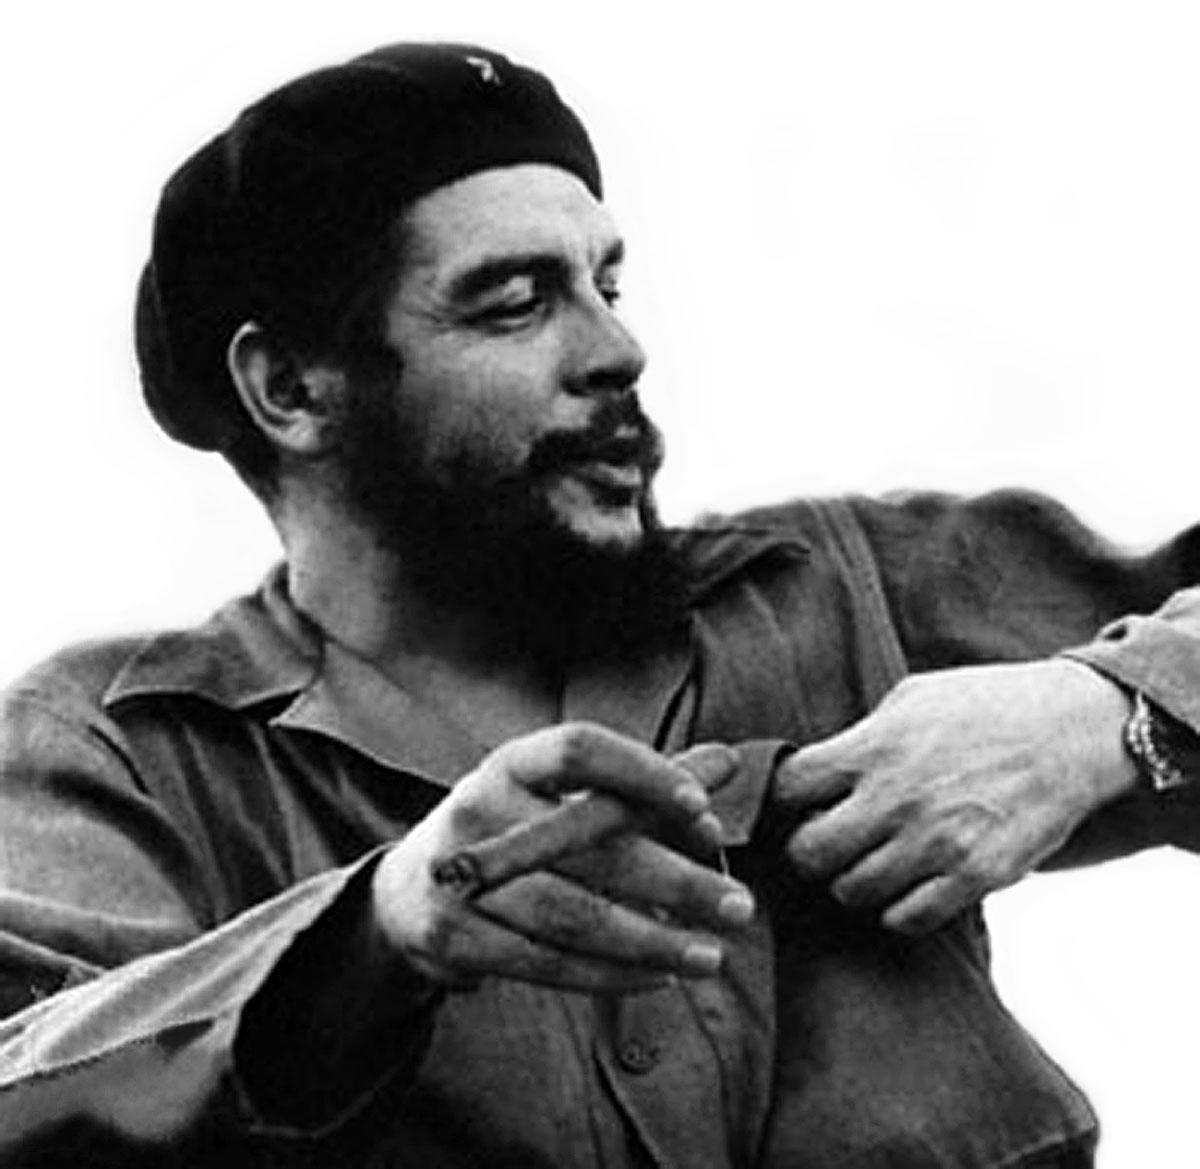 http://4.bp.blogspot.com/_04kZGR_ltmE/SwFFimsaP_I/AAAAAAAAFKM/HHDBfejGI2A/s1600/Che-Guevara-Rolex-GMT-Master.jpg